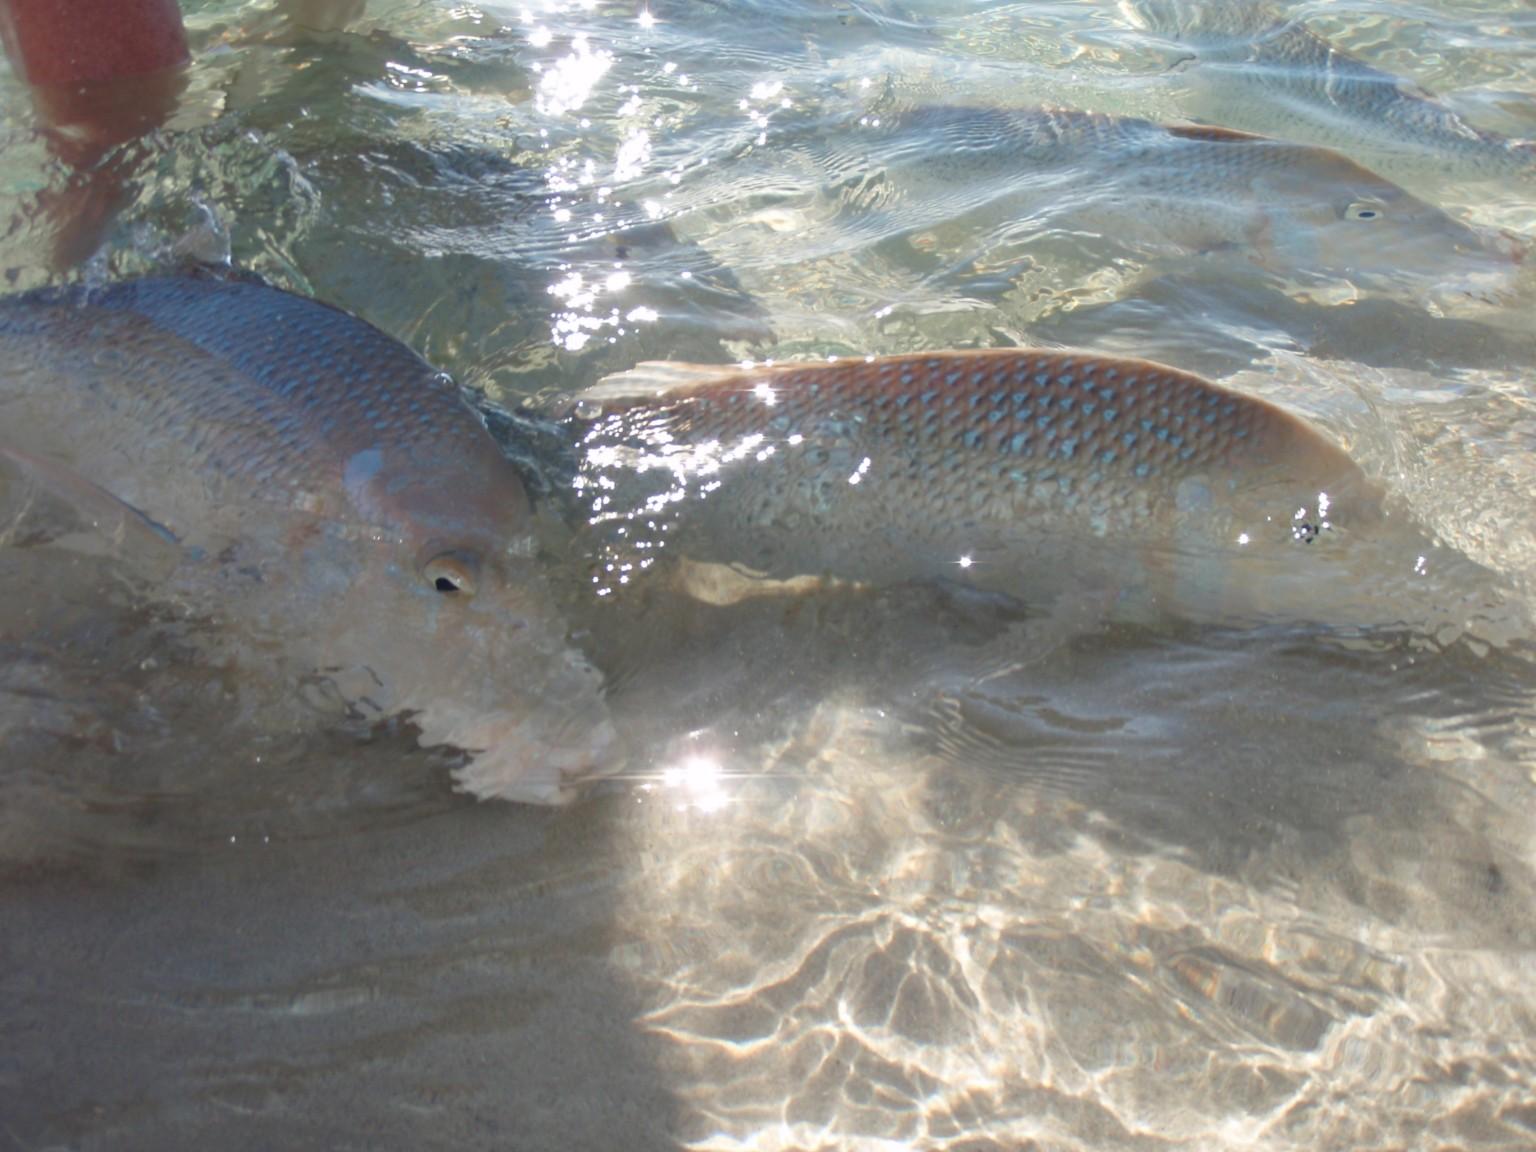 Coral Bay Fish Feeding